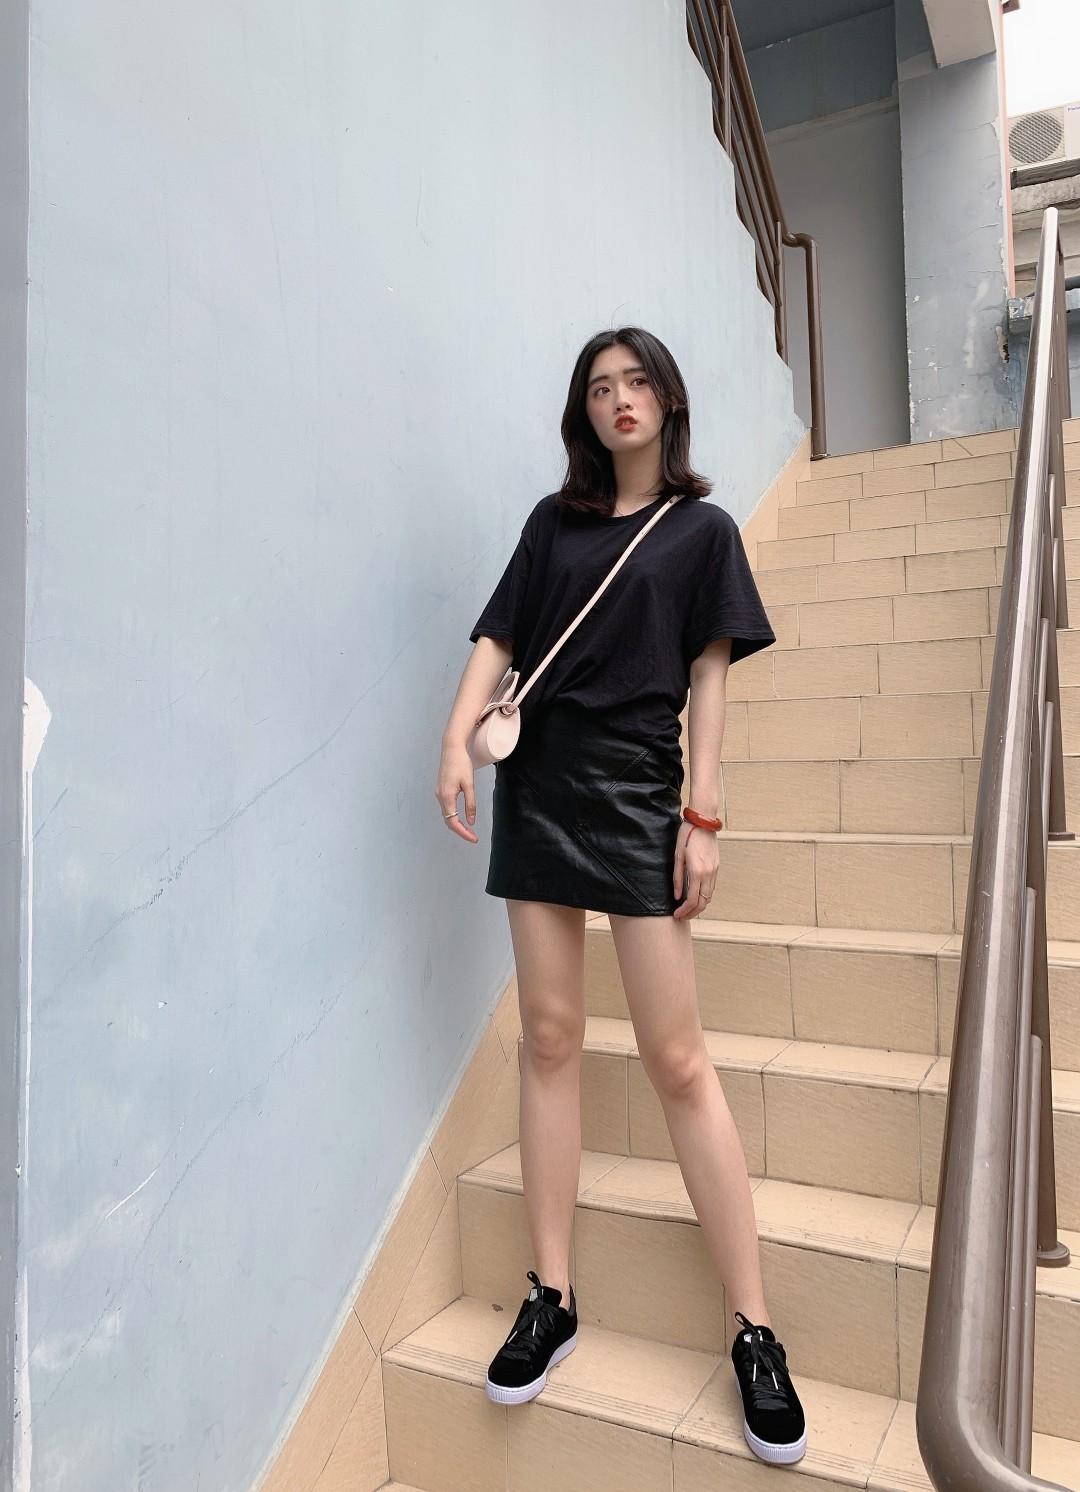 #最轻薄look,降温哪家强?# 黑色look一向是最显瘦的啦~ 简单的黑t和皮裙的搭配。 让人一眼看过来瘦5斤~